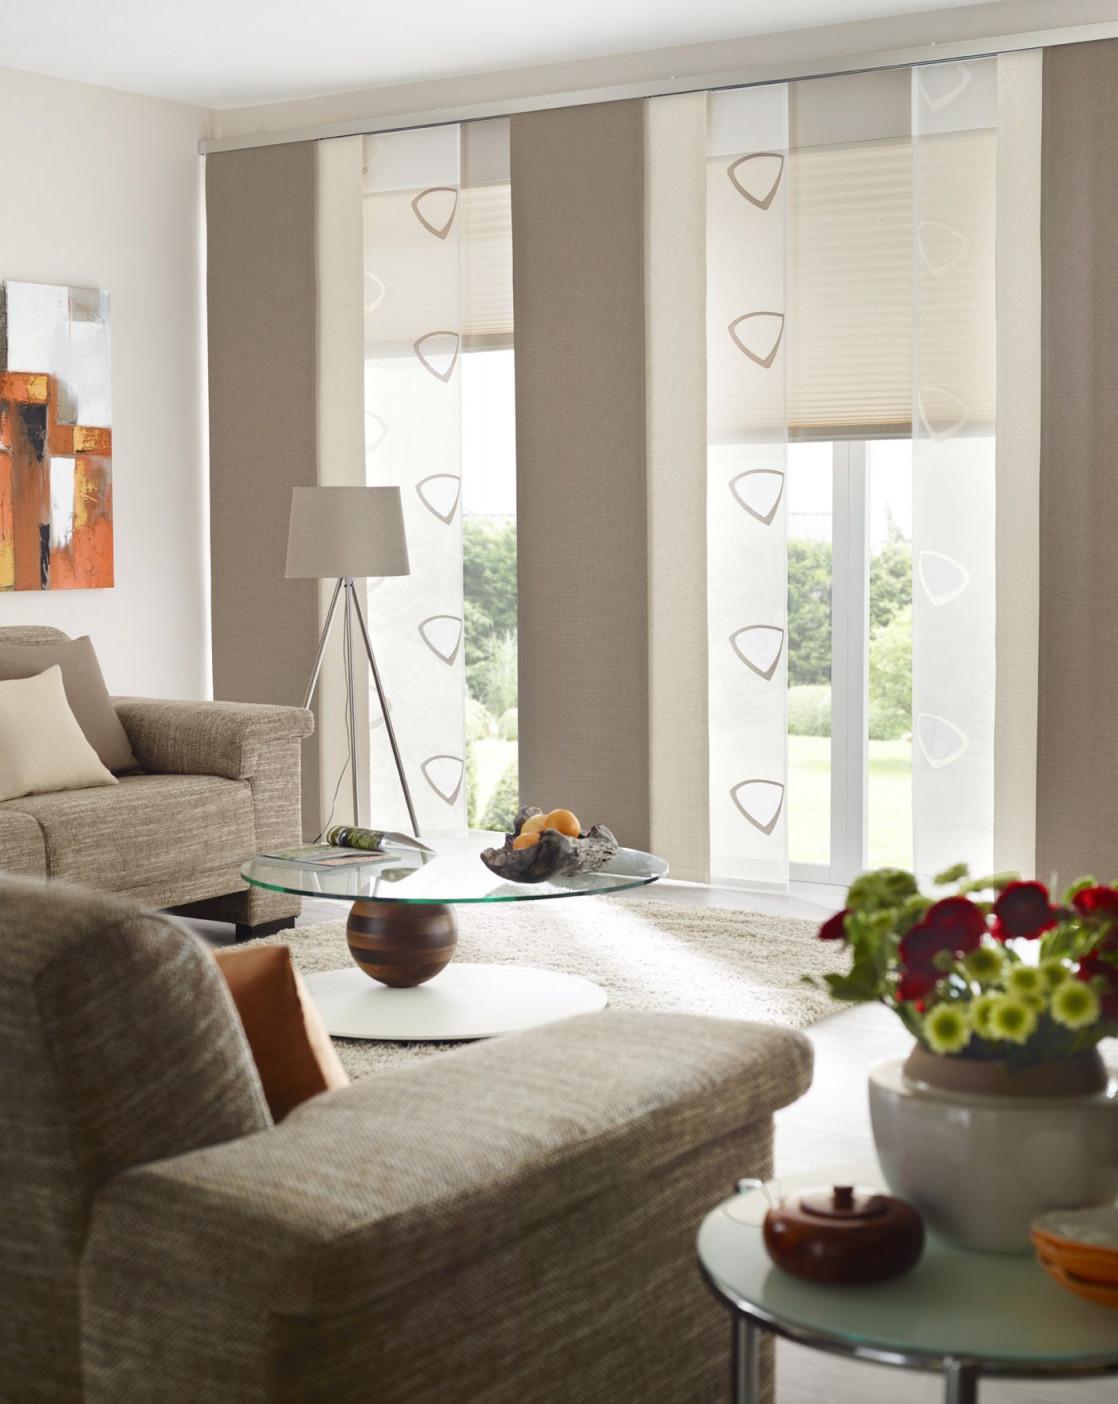 Fenster Urbansteel Gardinen Dekostoffe Vorhang von Gardinen Set Wohnzimmer Bild